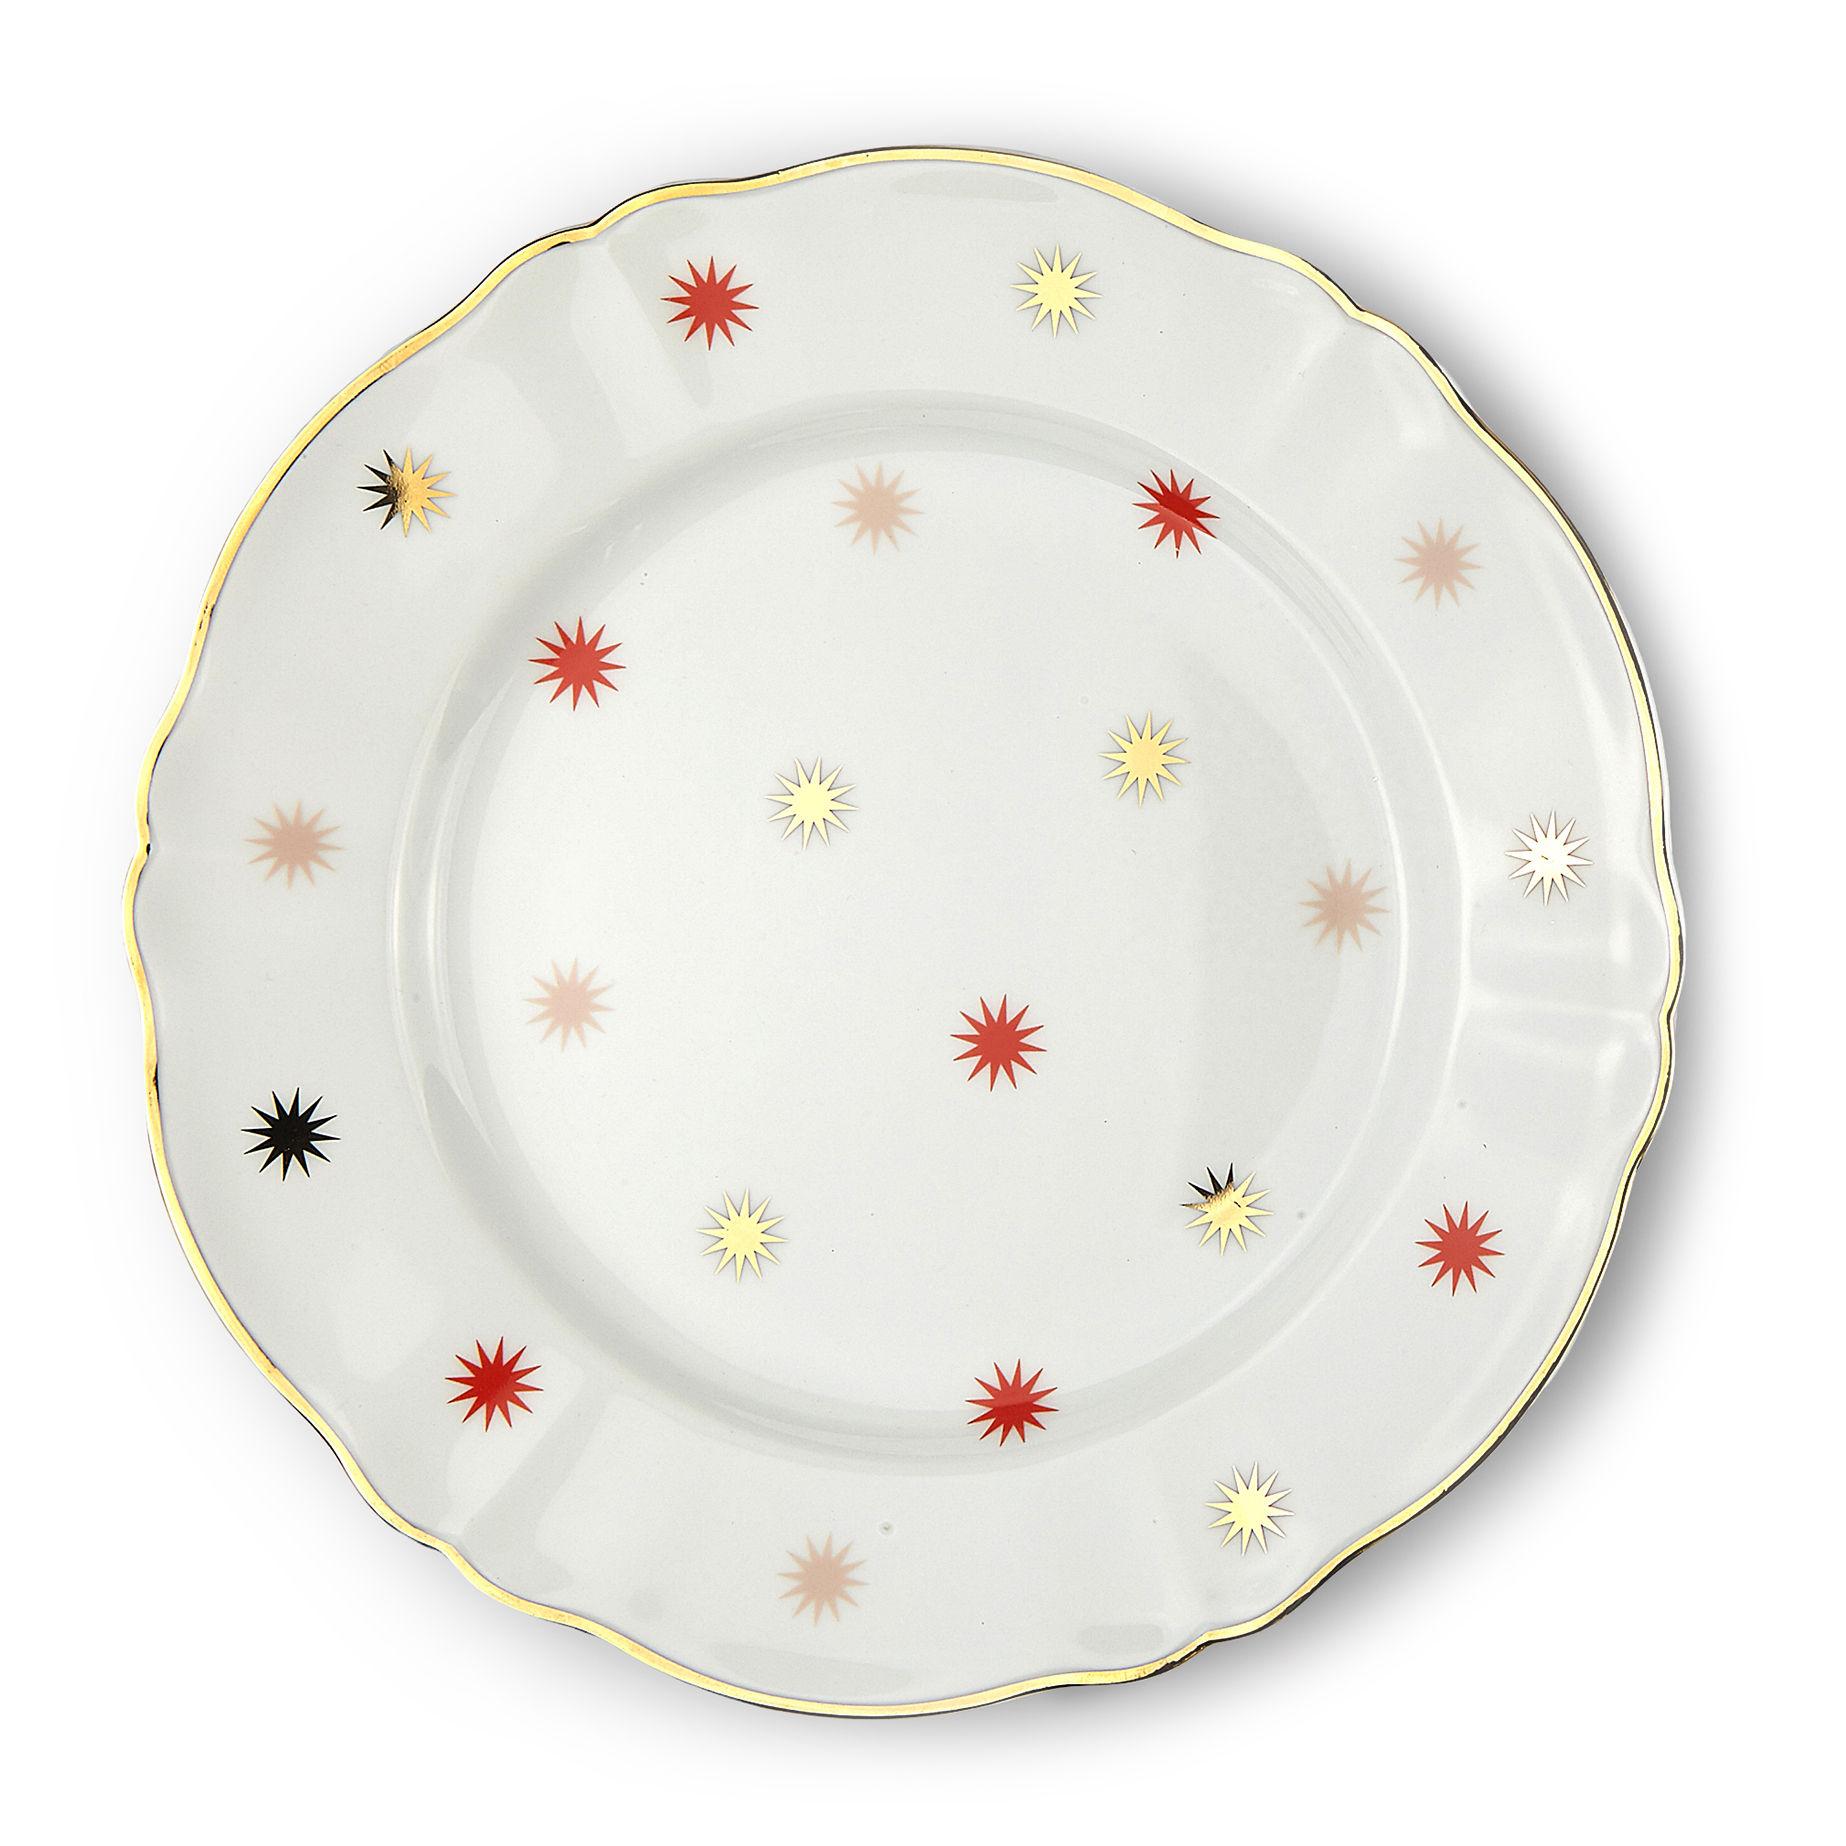 Tischkultur - Teller - Volta Teller / Ø 26,5 cm - Bitossi Home - Stern - Porzellan